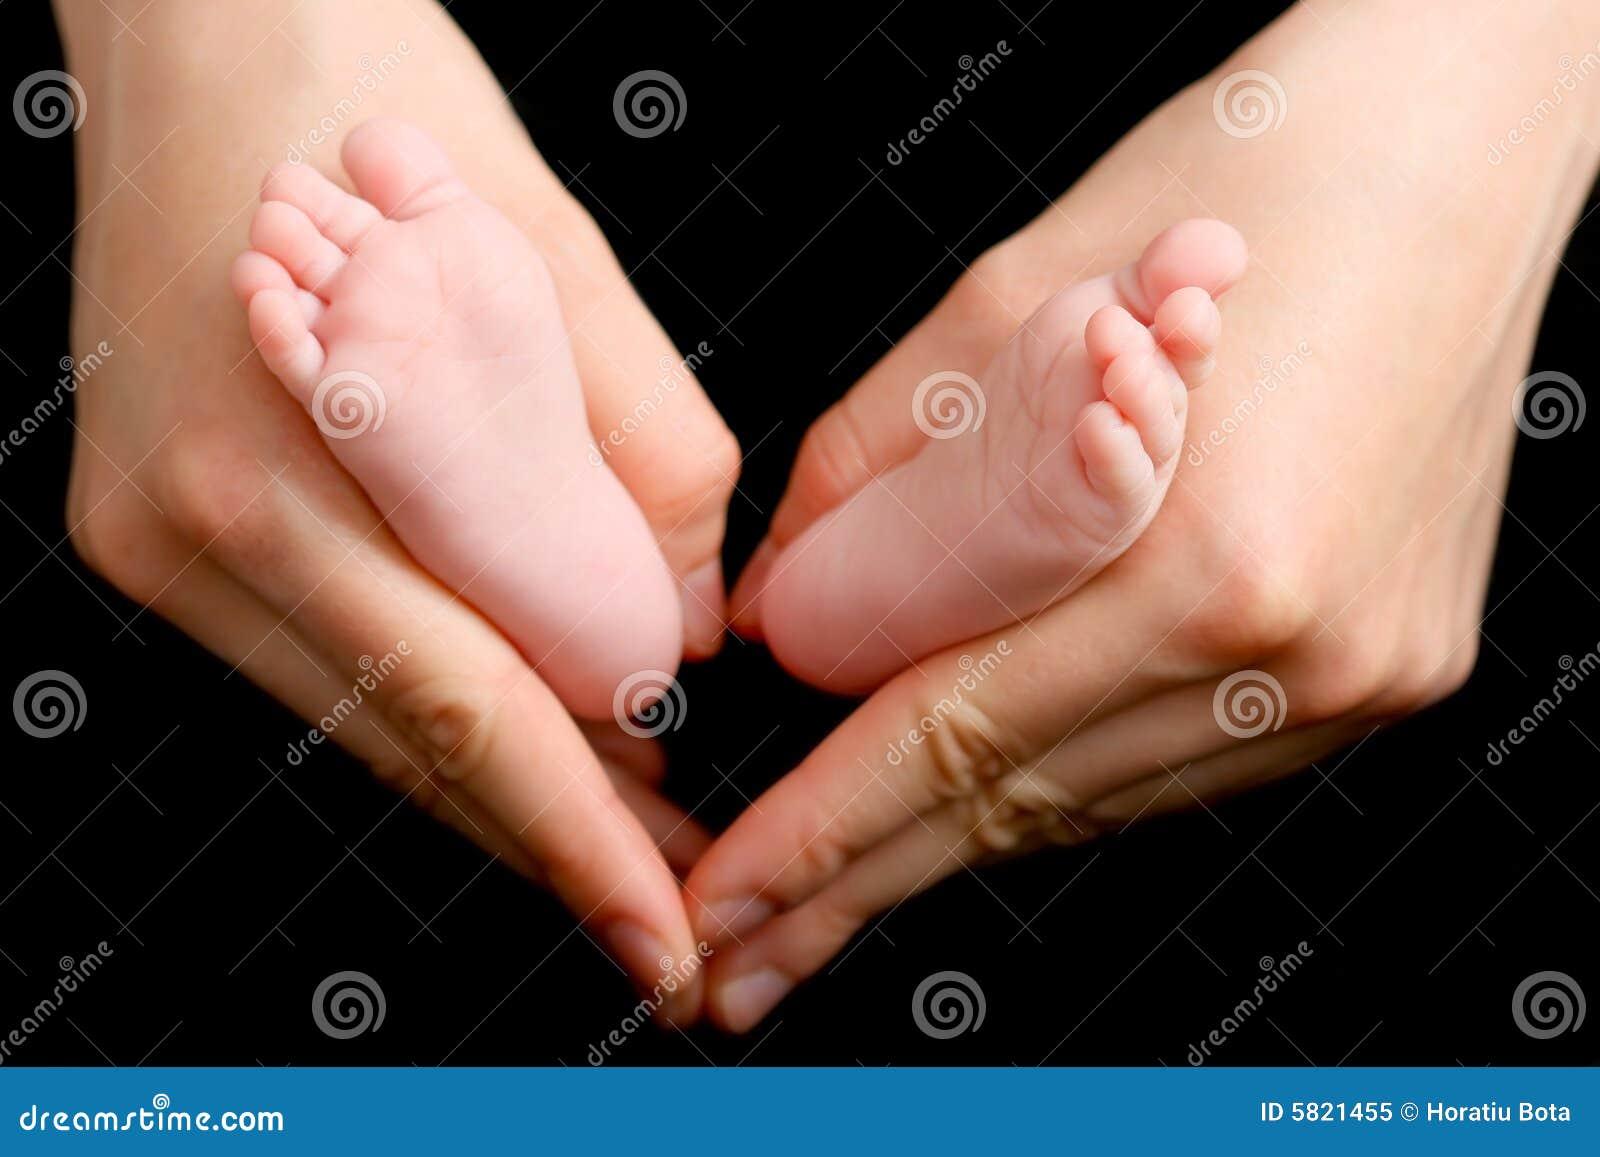 Nieuw - geboren babyvoet